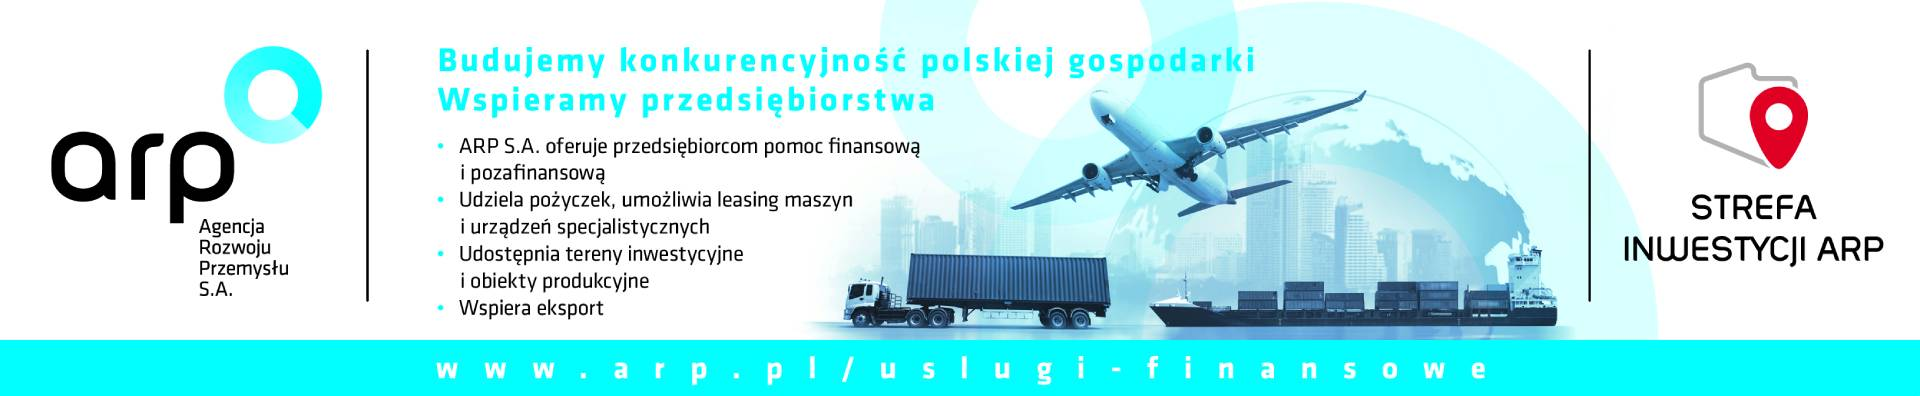 Agencja Rozwoju Przemysłu